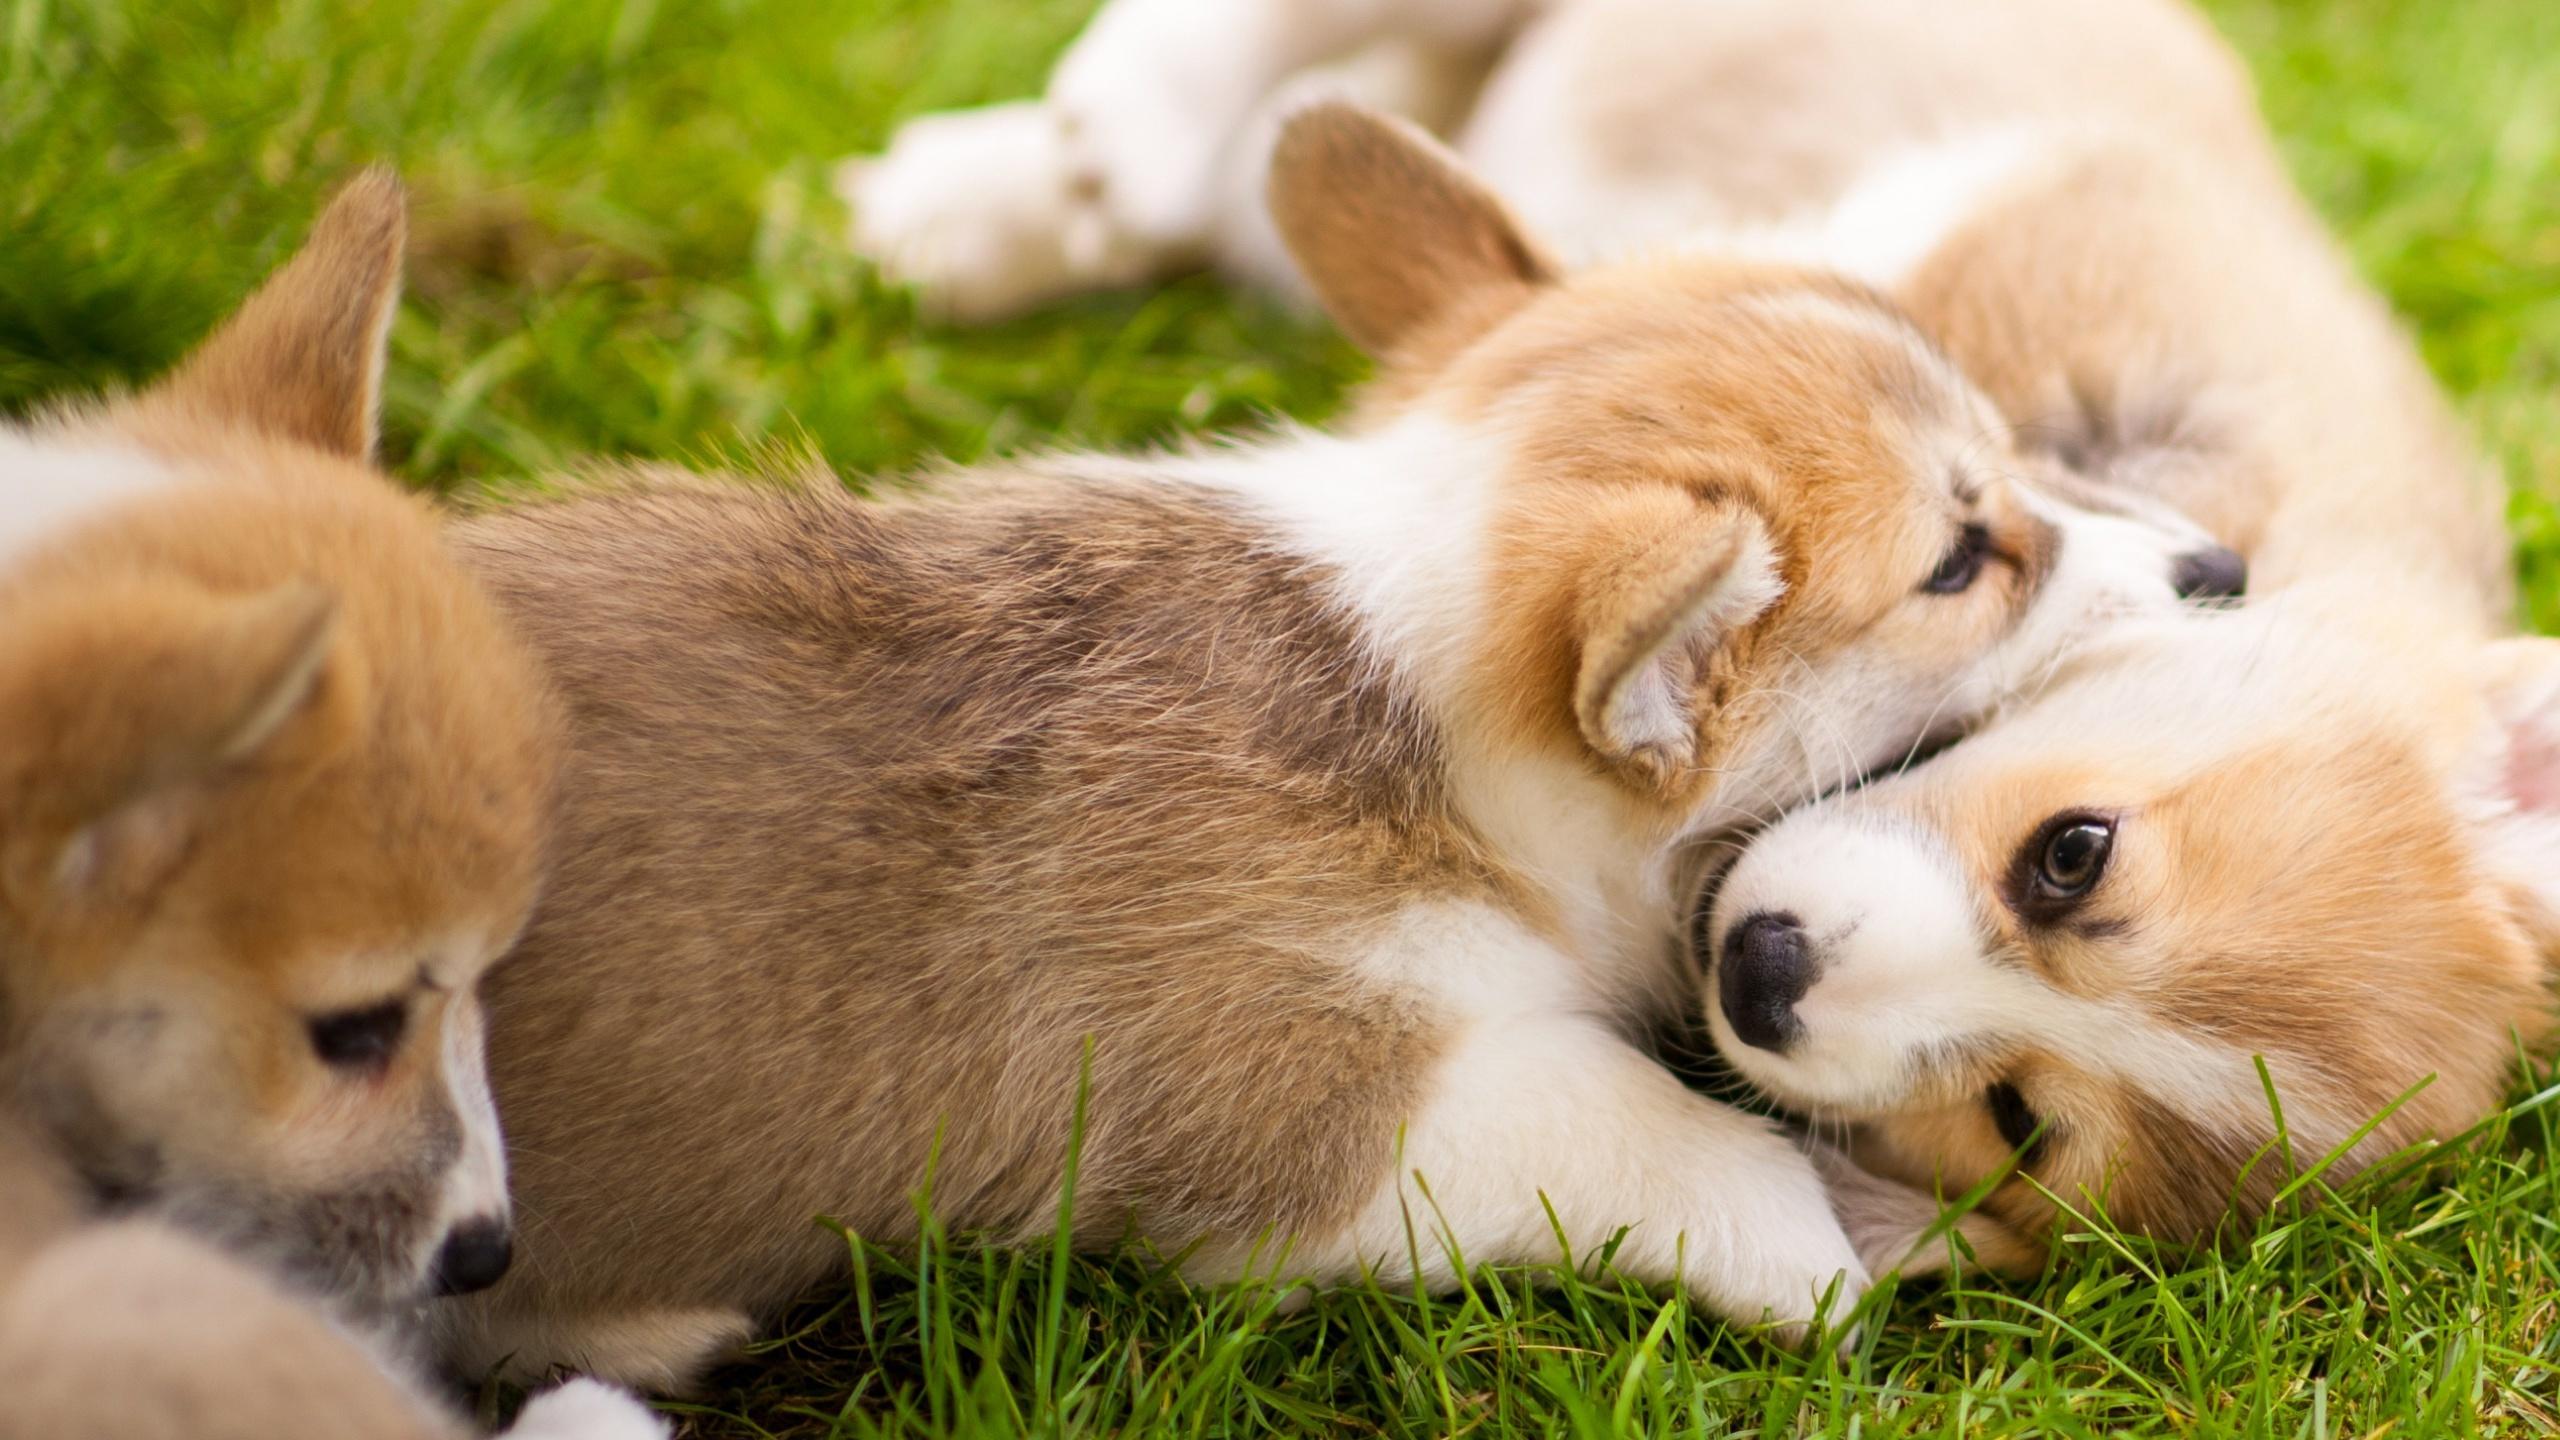 壁紙 2560x1440 イヌ 子犬 ウェルシュ コーギー 動物 ダウンロード 写真